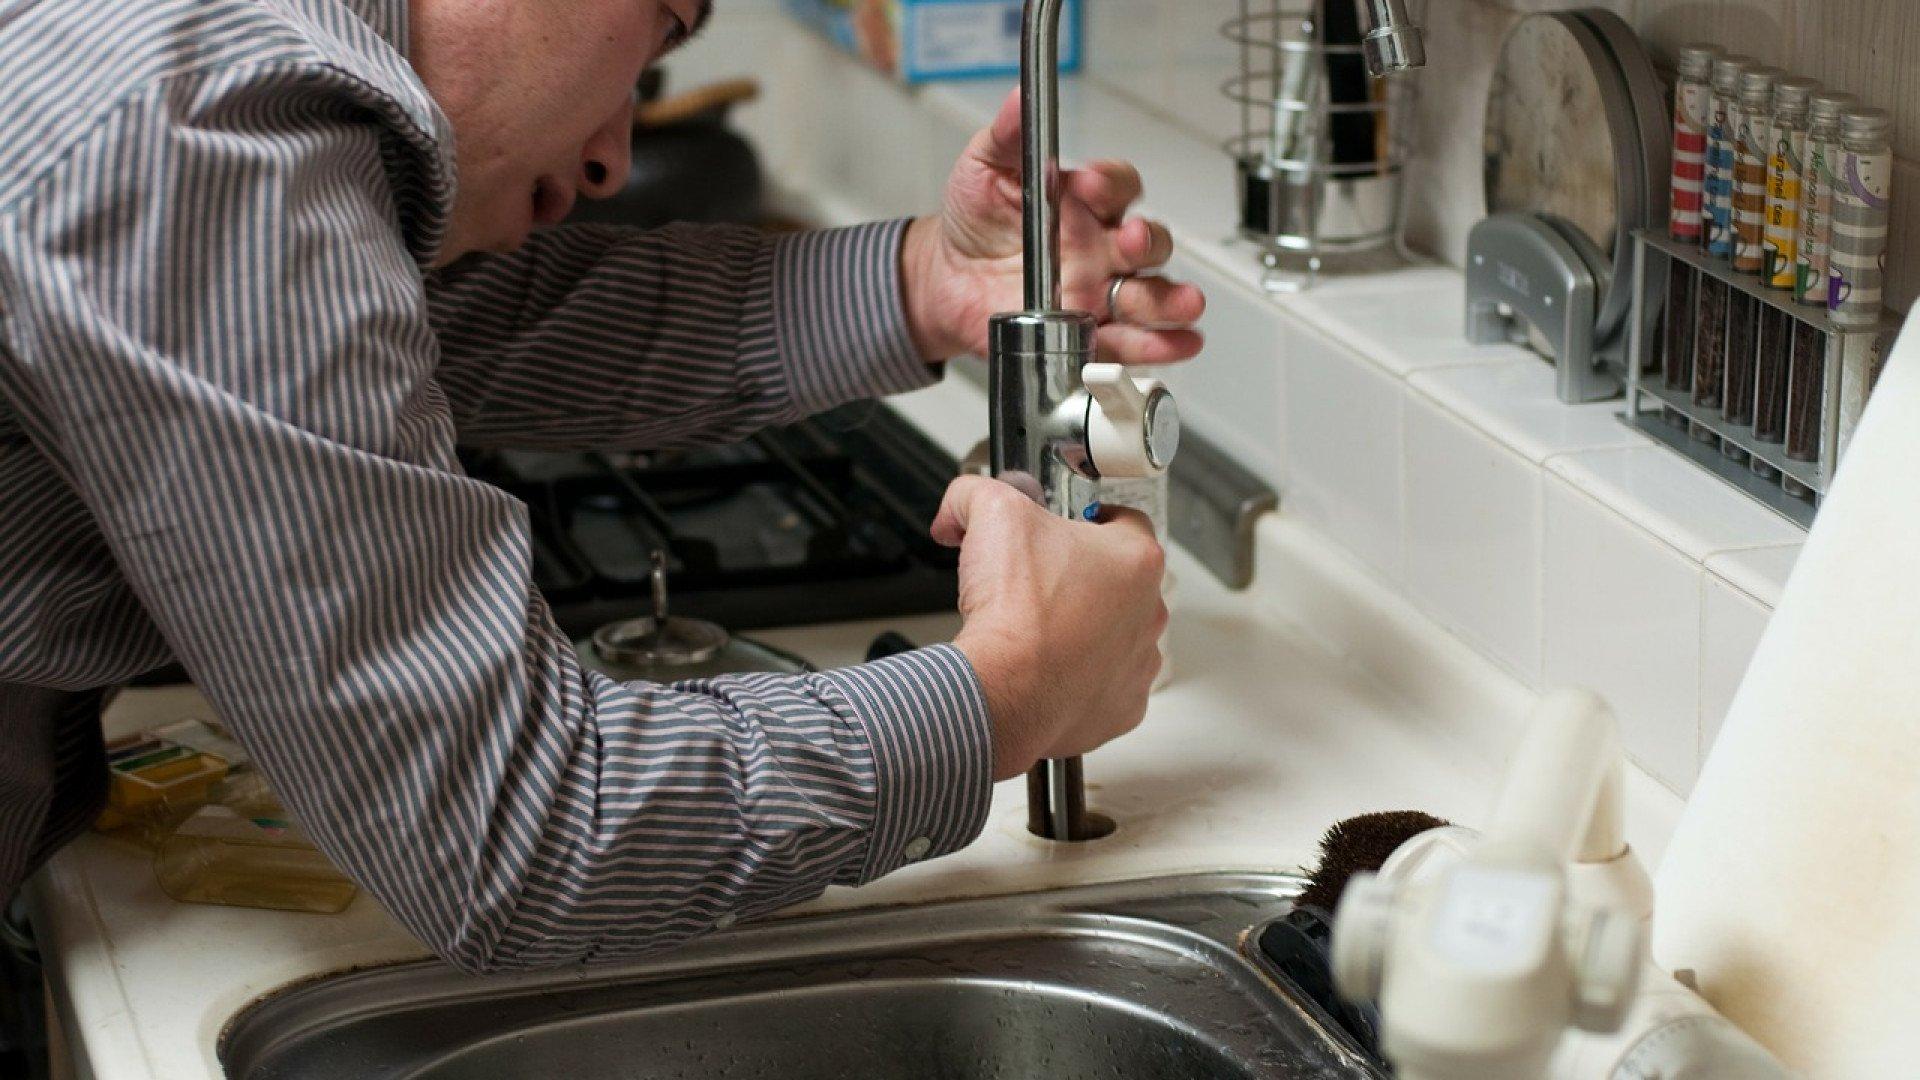 Faire appel aux meilleurs professionnels pour vos soucis ménagers 1